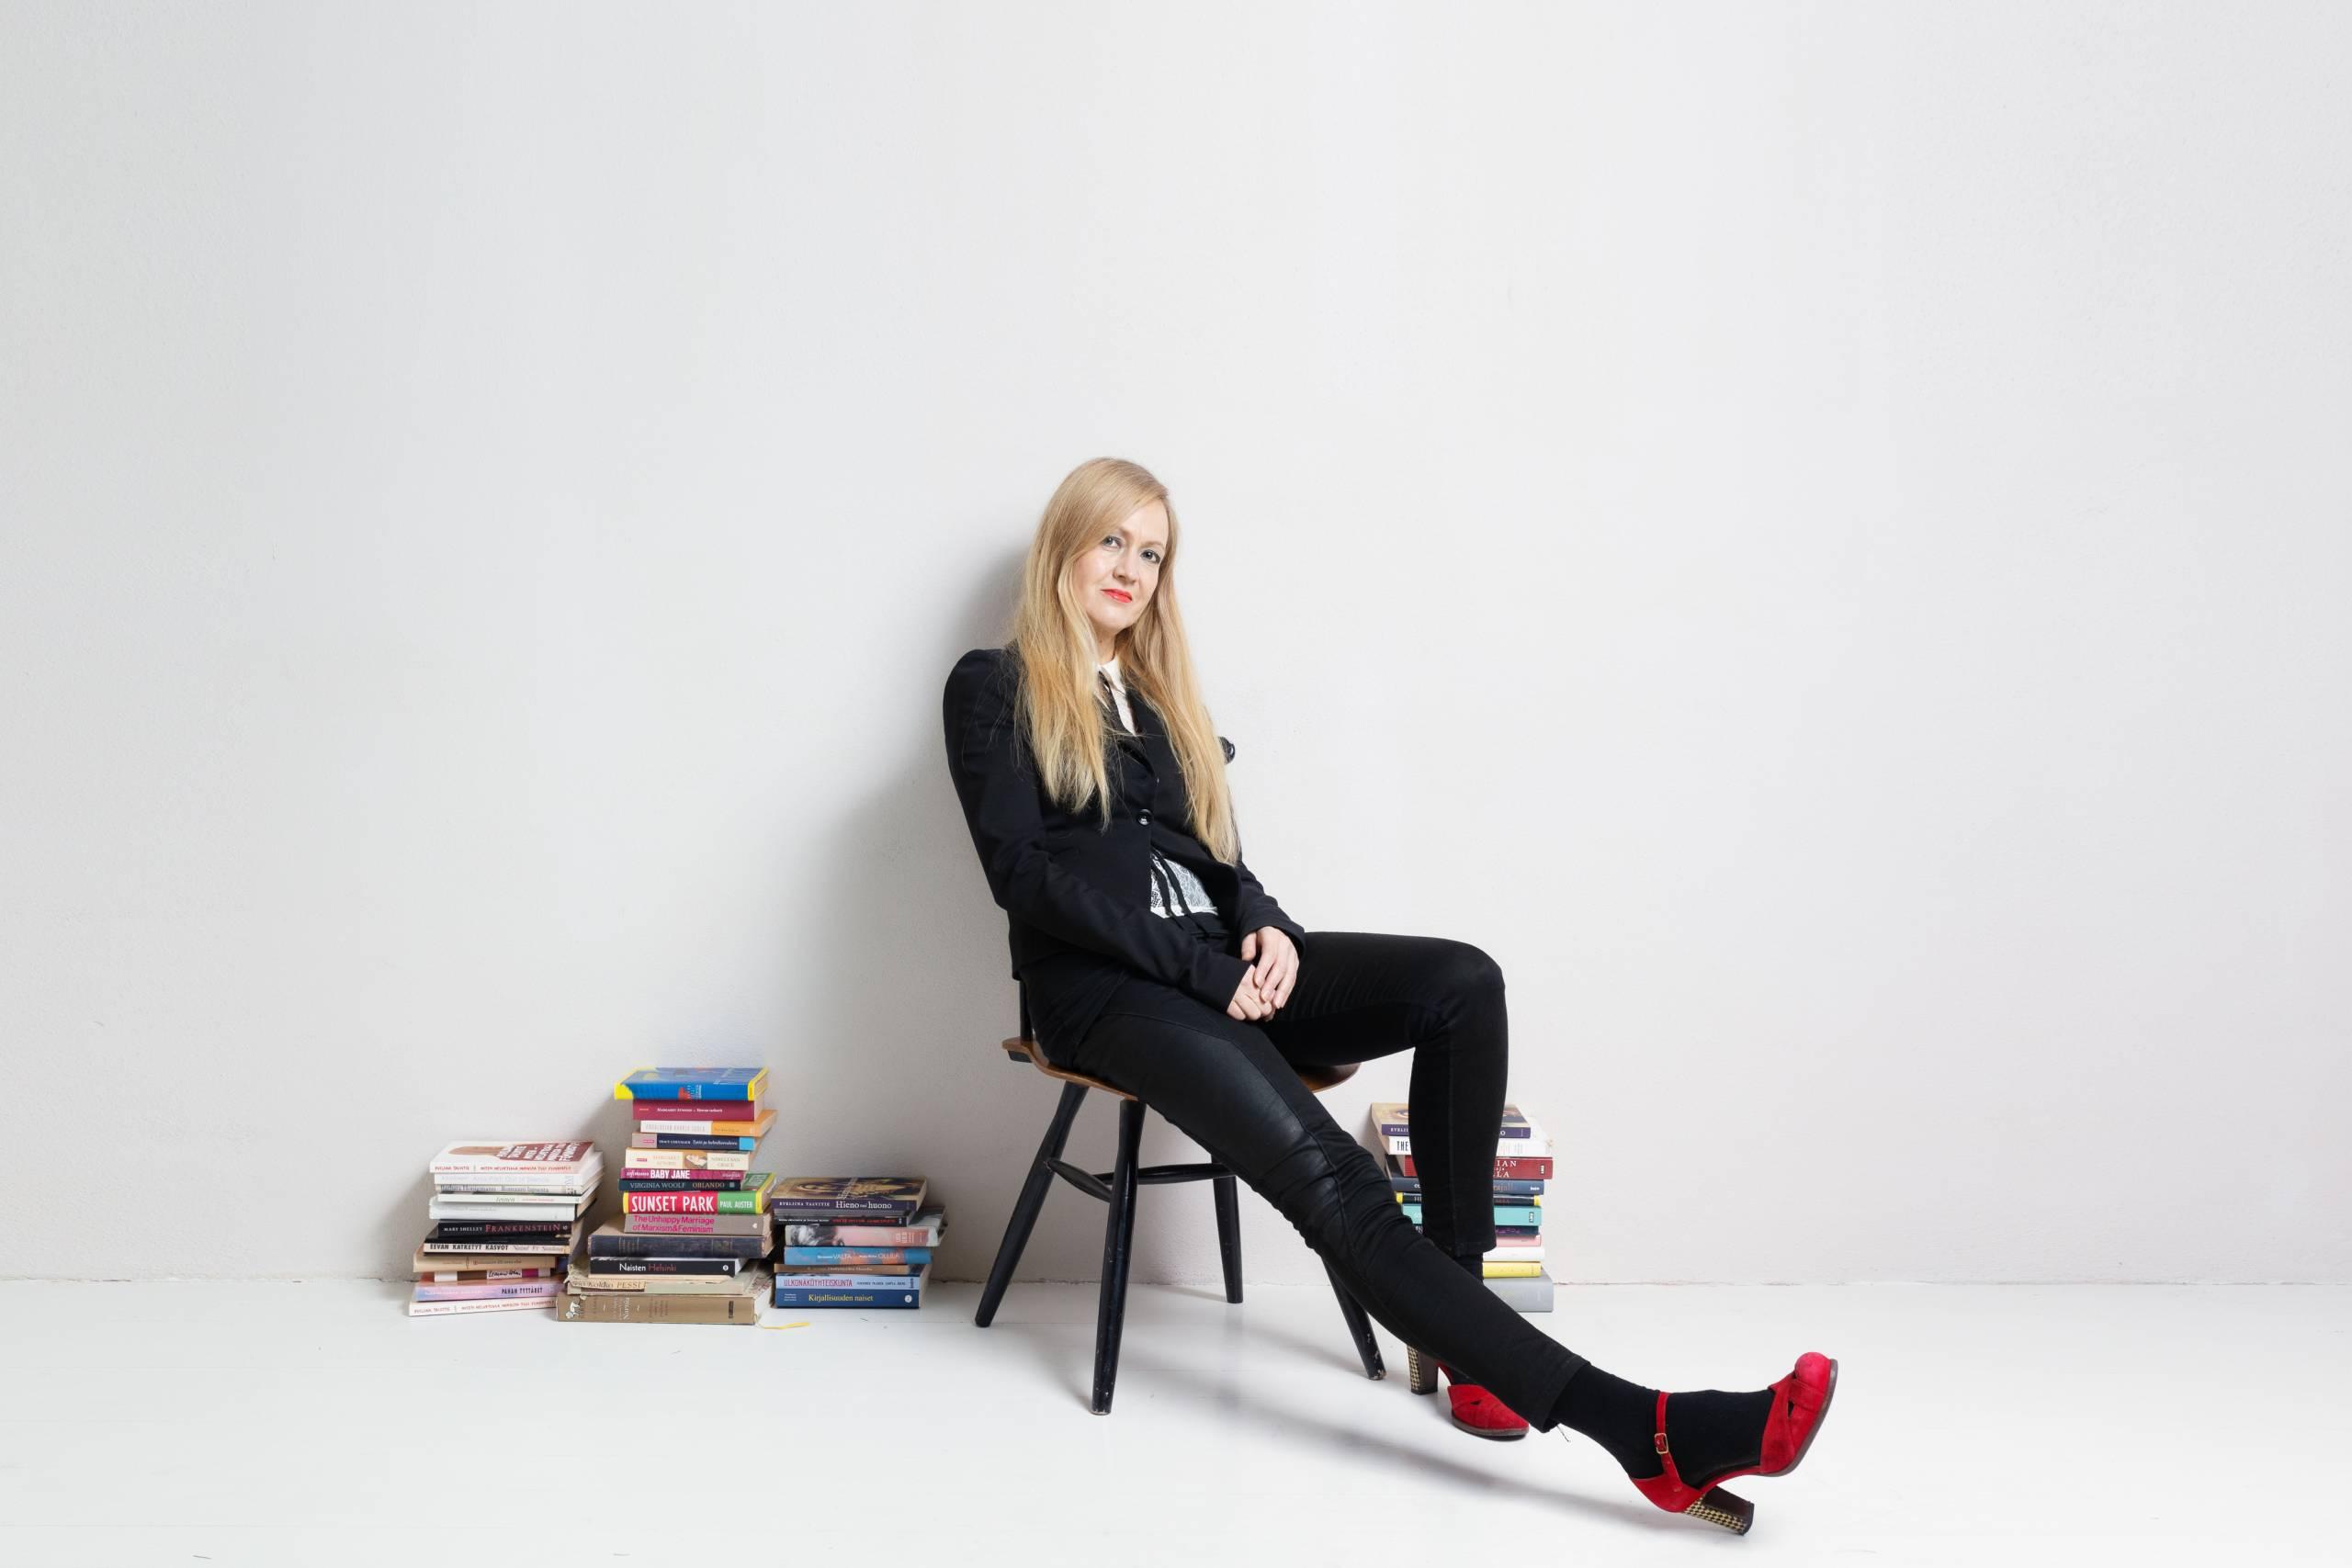 Kirjailija Eveliina Talvitie istuu tuolilla mustassa asussa, jalassa kirkkaanpunaiset korkokengät. Jalat ovat kuvassa etualalla. Talvitien vieressä, molemminpuolin on lattialla kirjakasoja.